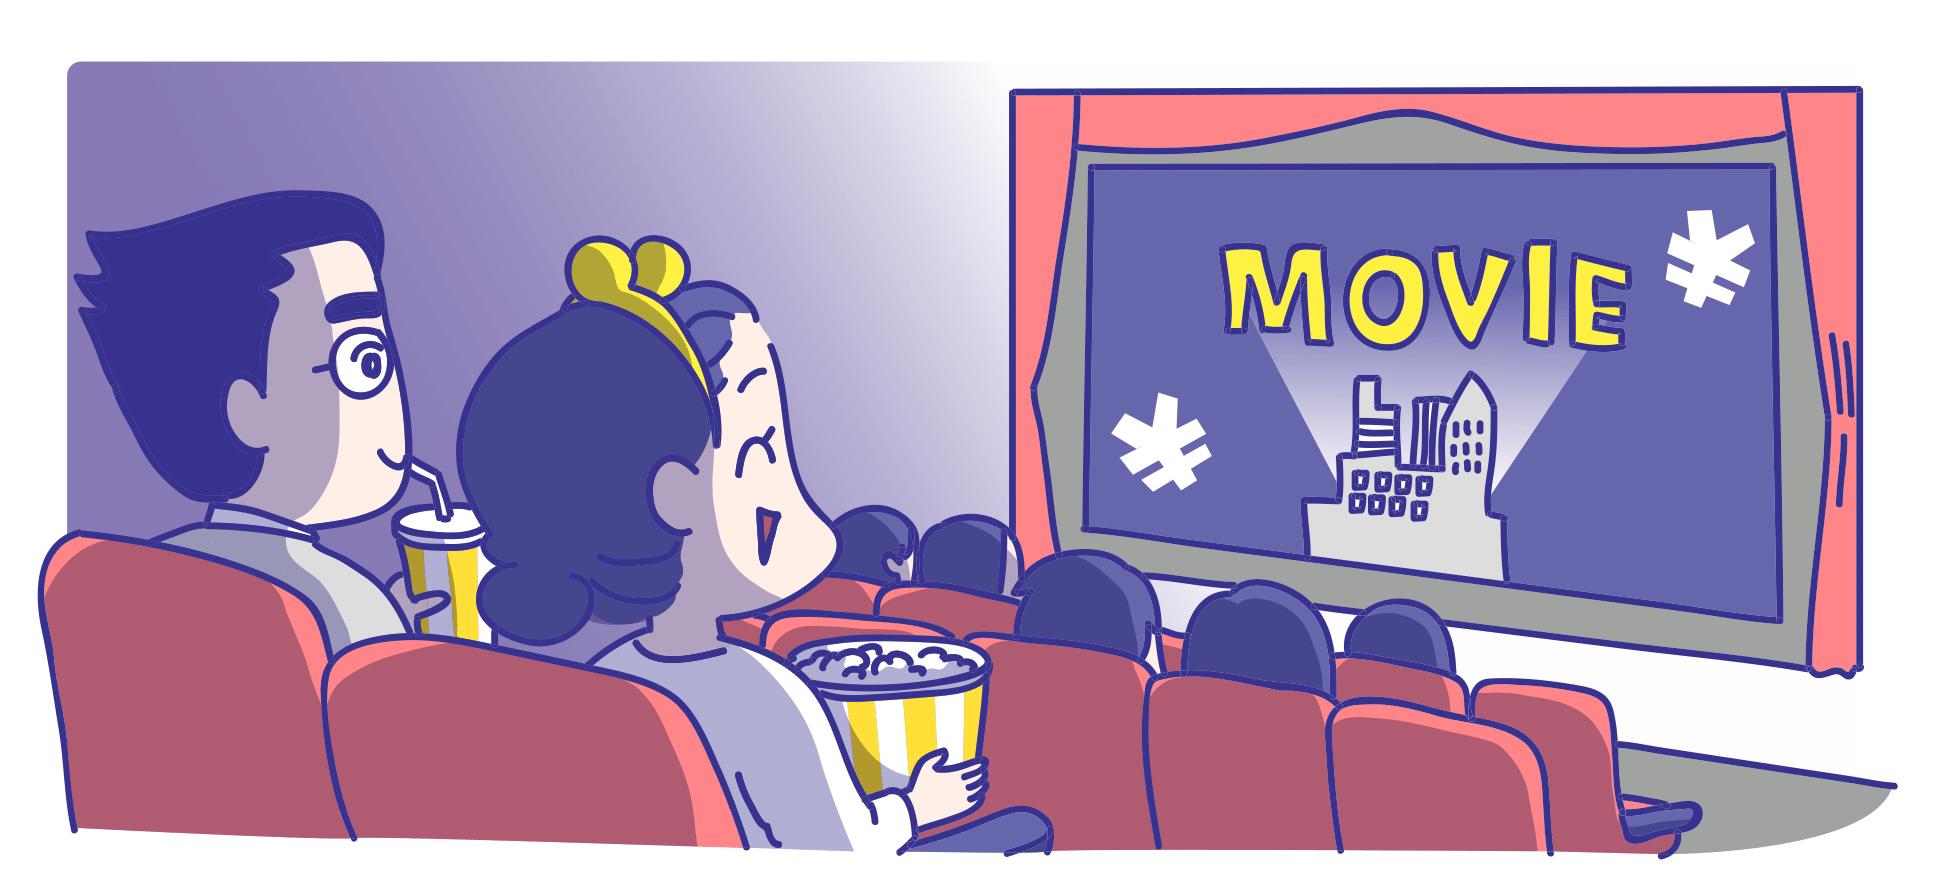 映画館の座席での飲食なら軽減税率?